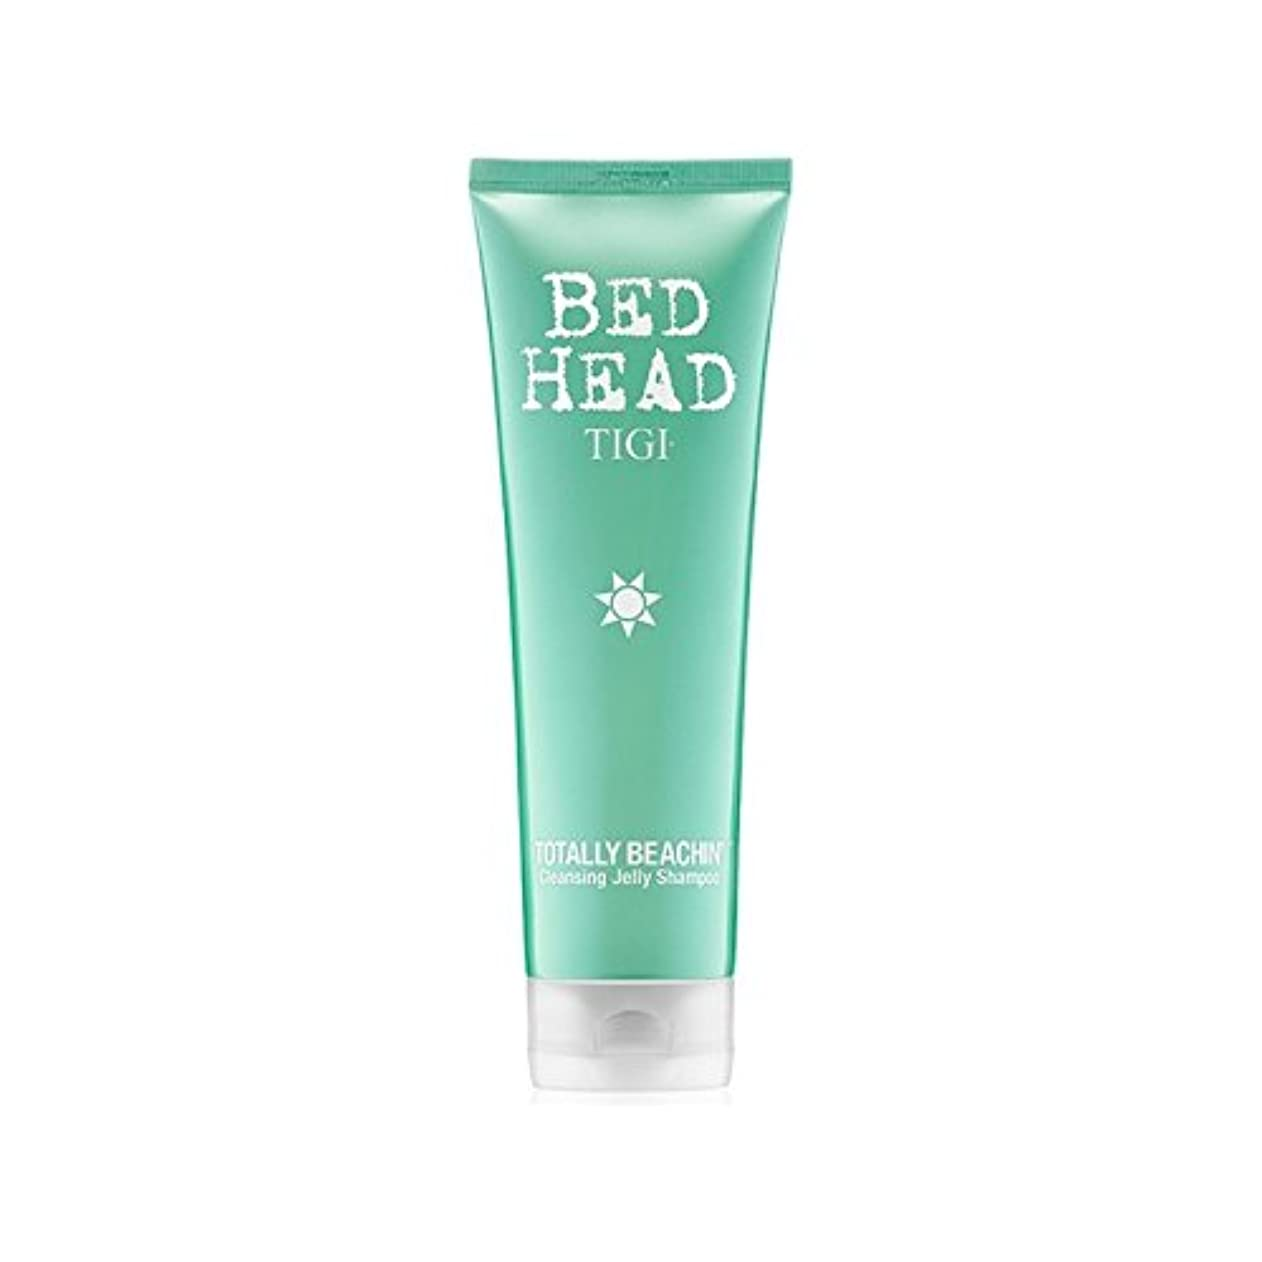 悪夢スタンド泣く完全にクレンジングゼリーシャンプー(250ミリリットル)ティジーベッドヘッド x4 - Tigi Bed Head Totally Beachin Cleansing Jelly Shampoo (250ml) (Pack of 4) [並行輸入品]